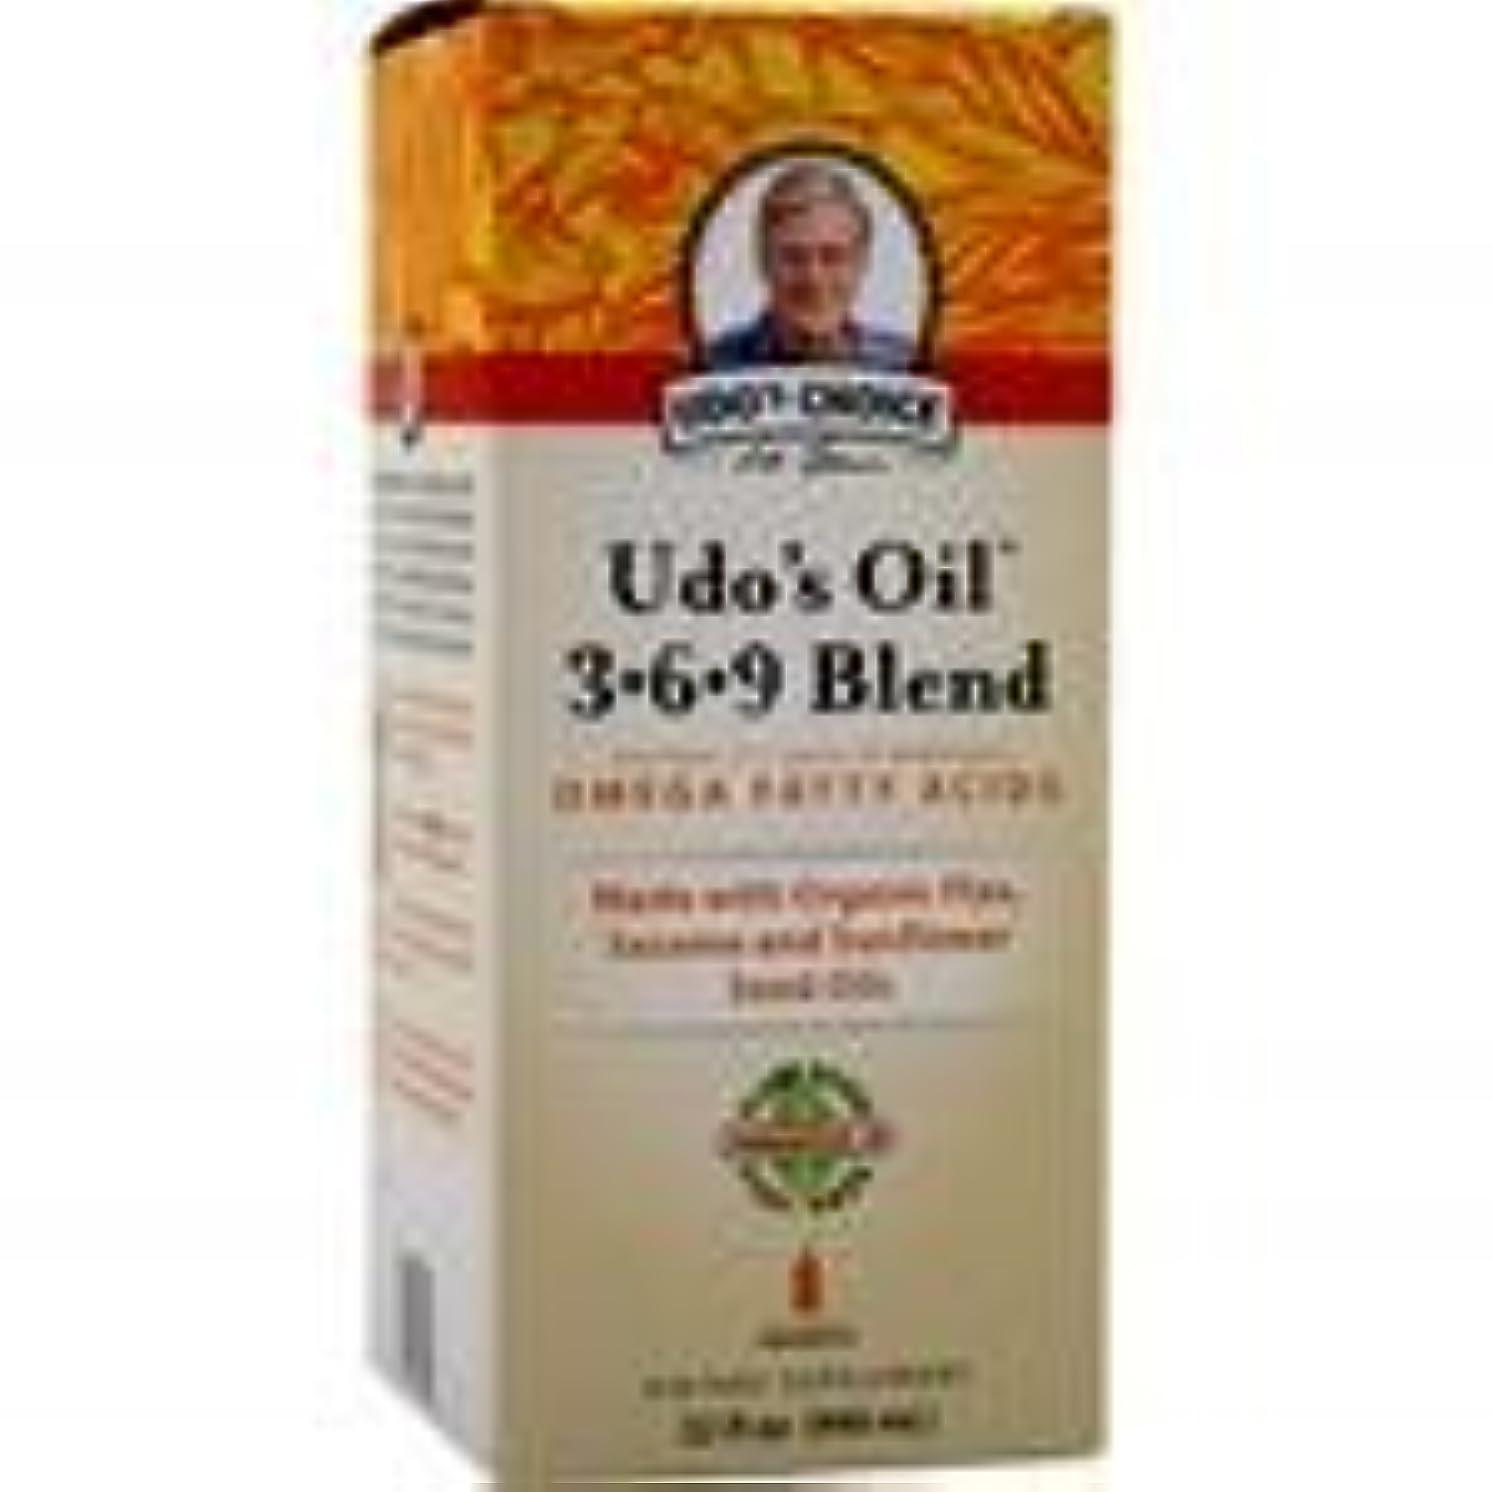 ボートサイレント味わうUdo's Oil 3-6-9 Blend Liquid 32 fl.oz 2個パック